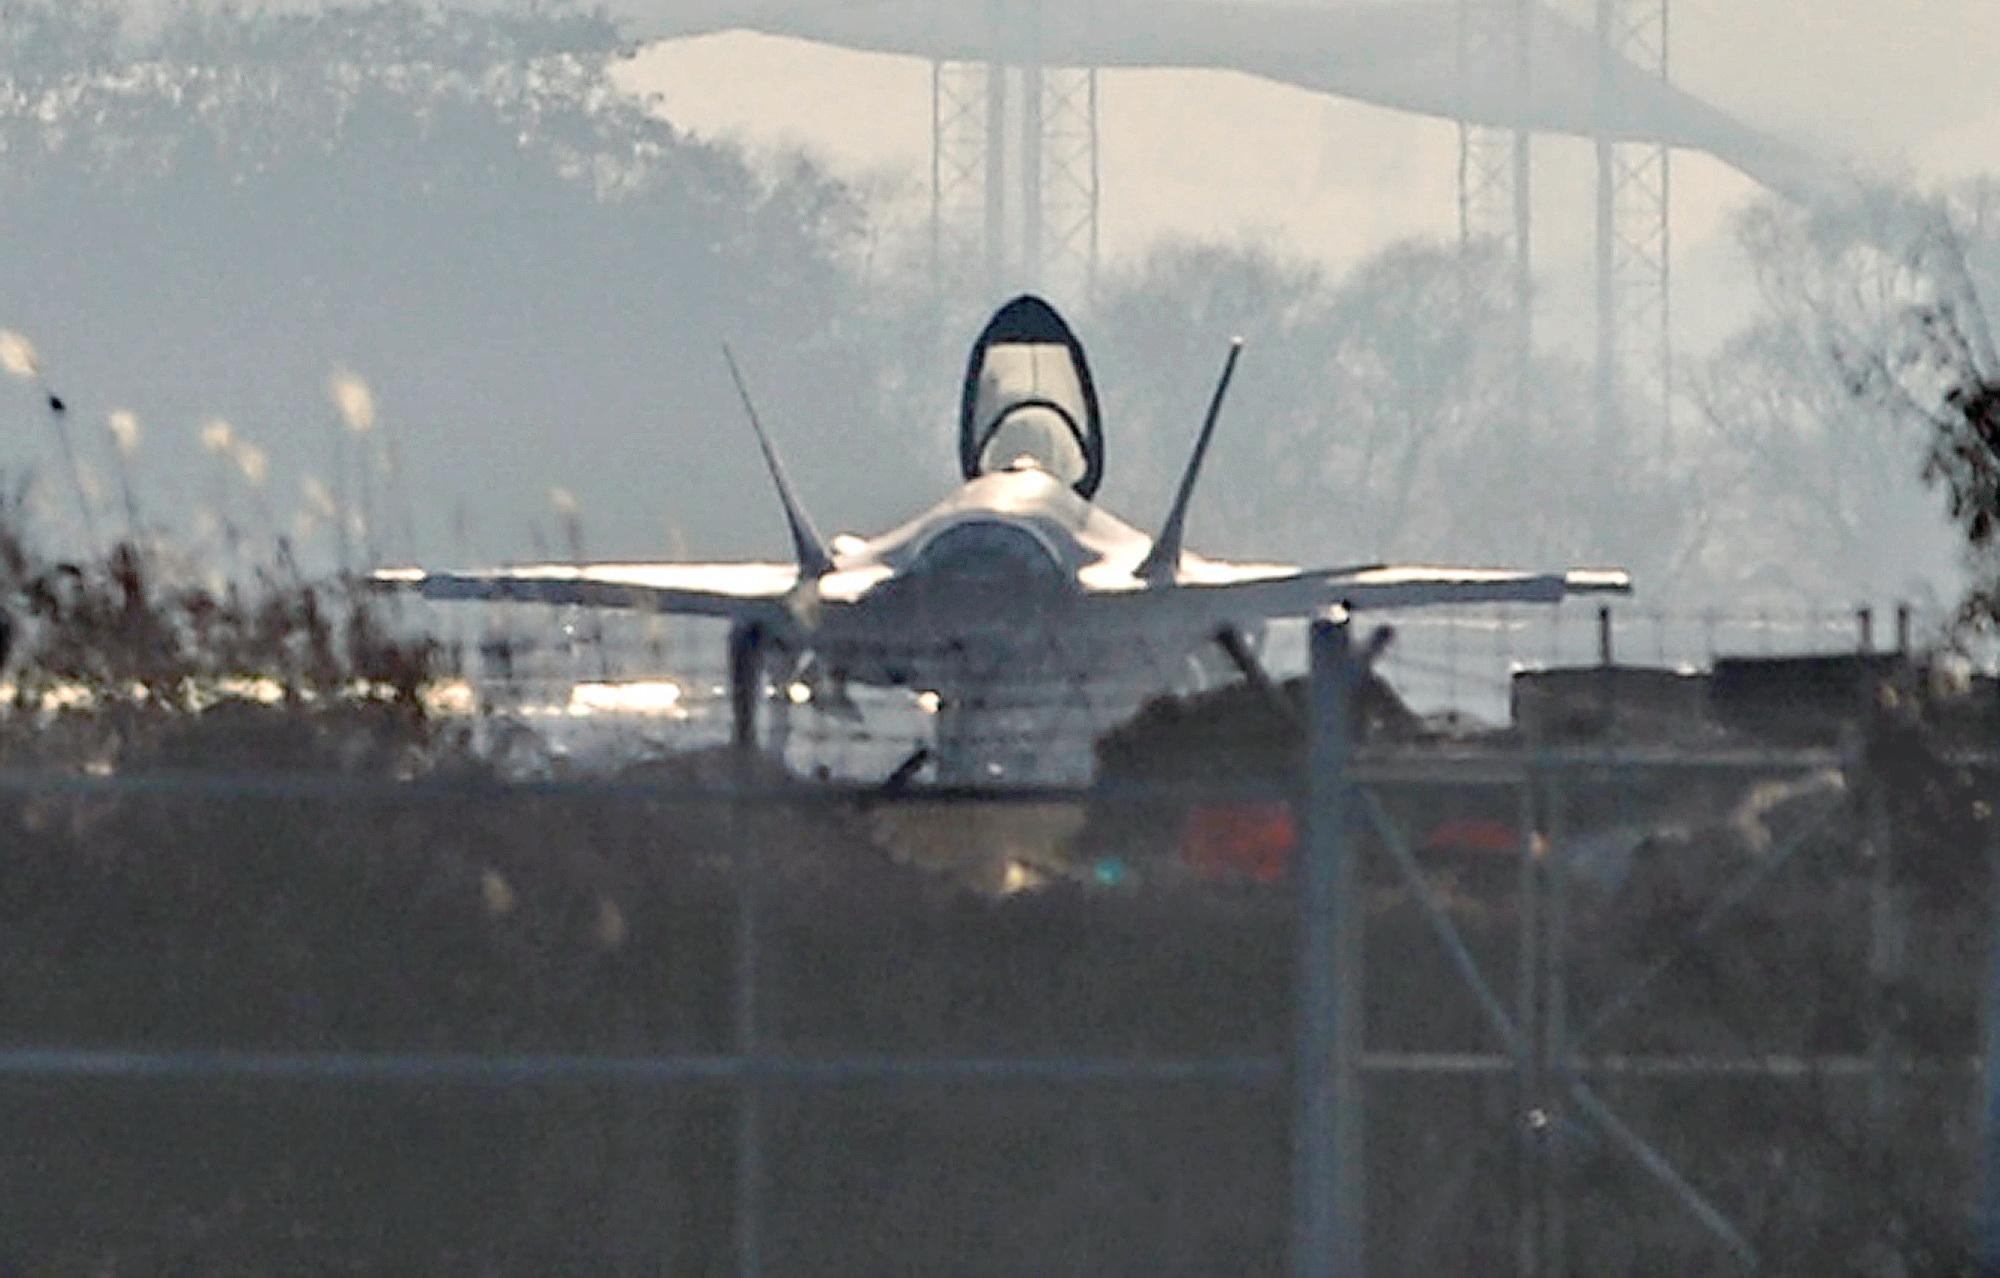 최신예 F-35A 스텔스 전투기가 16일 오후 청주 공군기지에서 캐노피(조종석 덮개)를 열고 대기하고 있다. 공군은 17일 F-35A의 전력화 행사를 청주 공군기지에서 비공개로 진행할 예정이다. 프리랜서 김성태